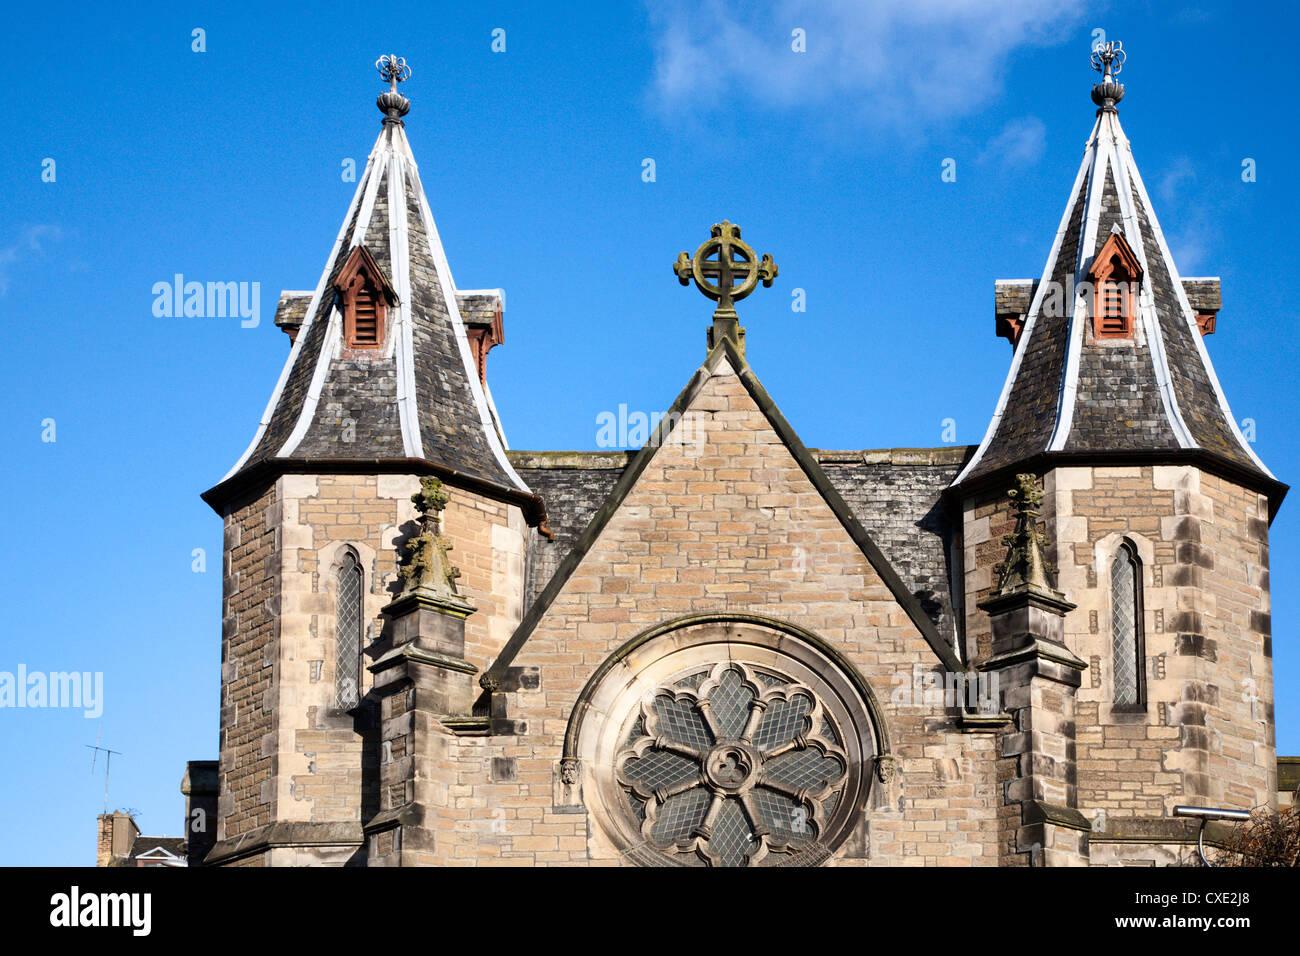 Panmure Congregational Church, Dundee, Scotland - Stock Image